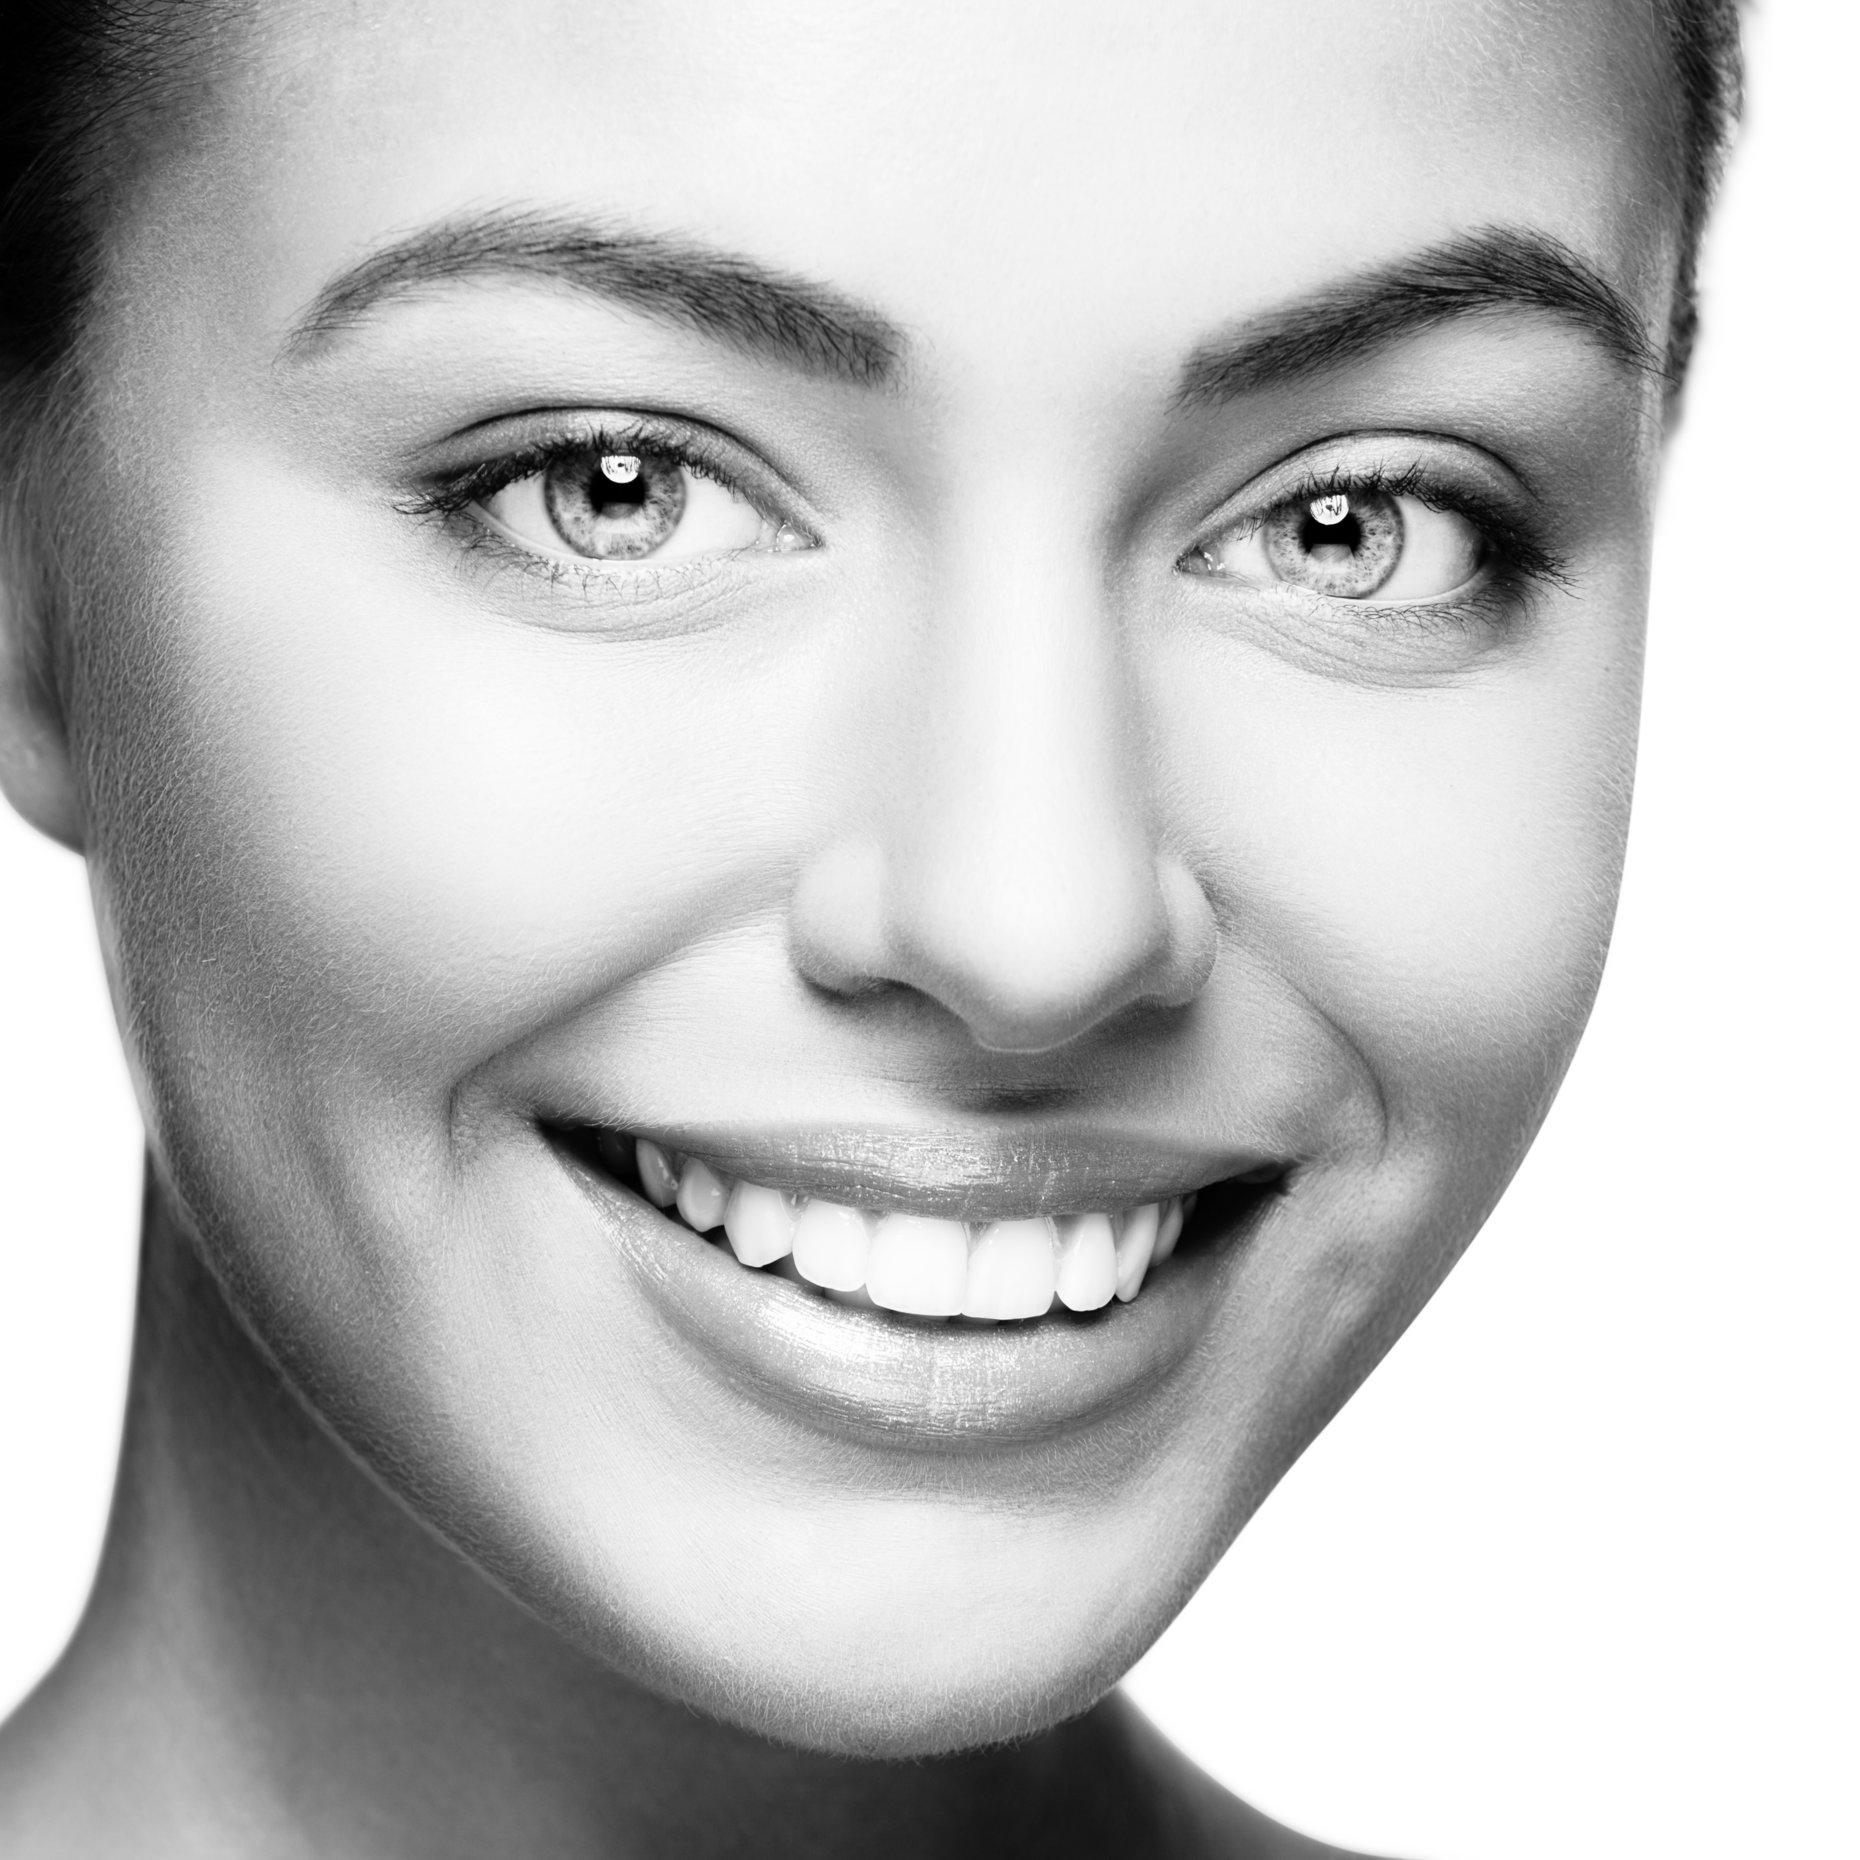 Bielenie zubov - Najmodernejší proces. Bezbolestné a jemné ošetrenie. Aj v sobotu! Dajte svojim zubom u nás nový jas!